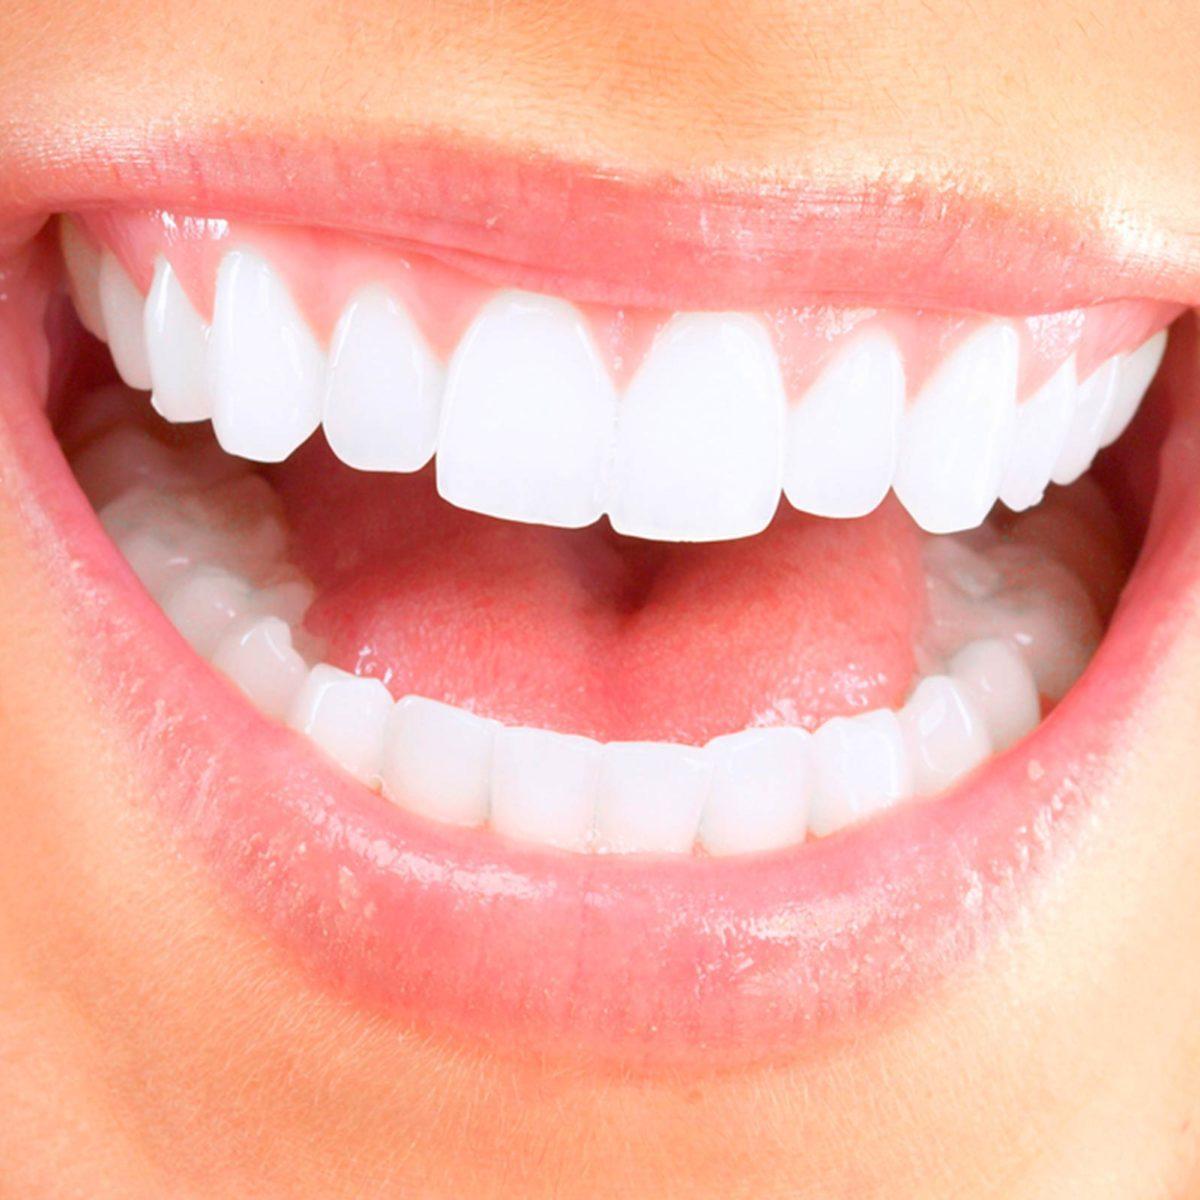 Dental Problems: Body Diseases Teeth Reveal | Reader's Digest